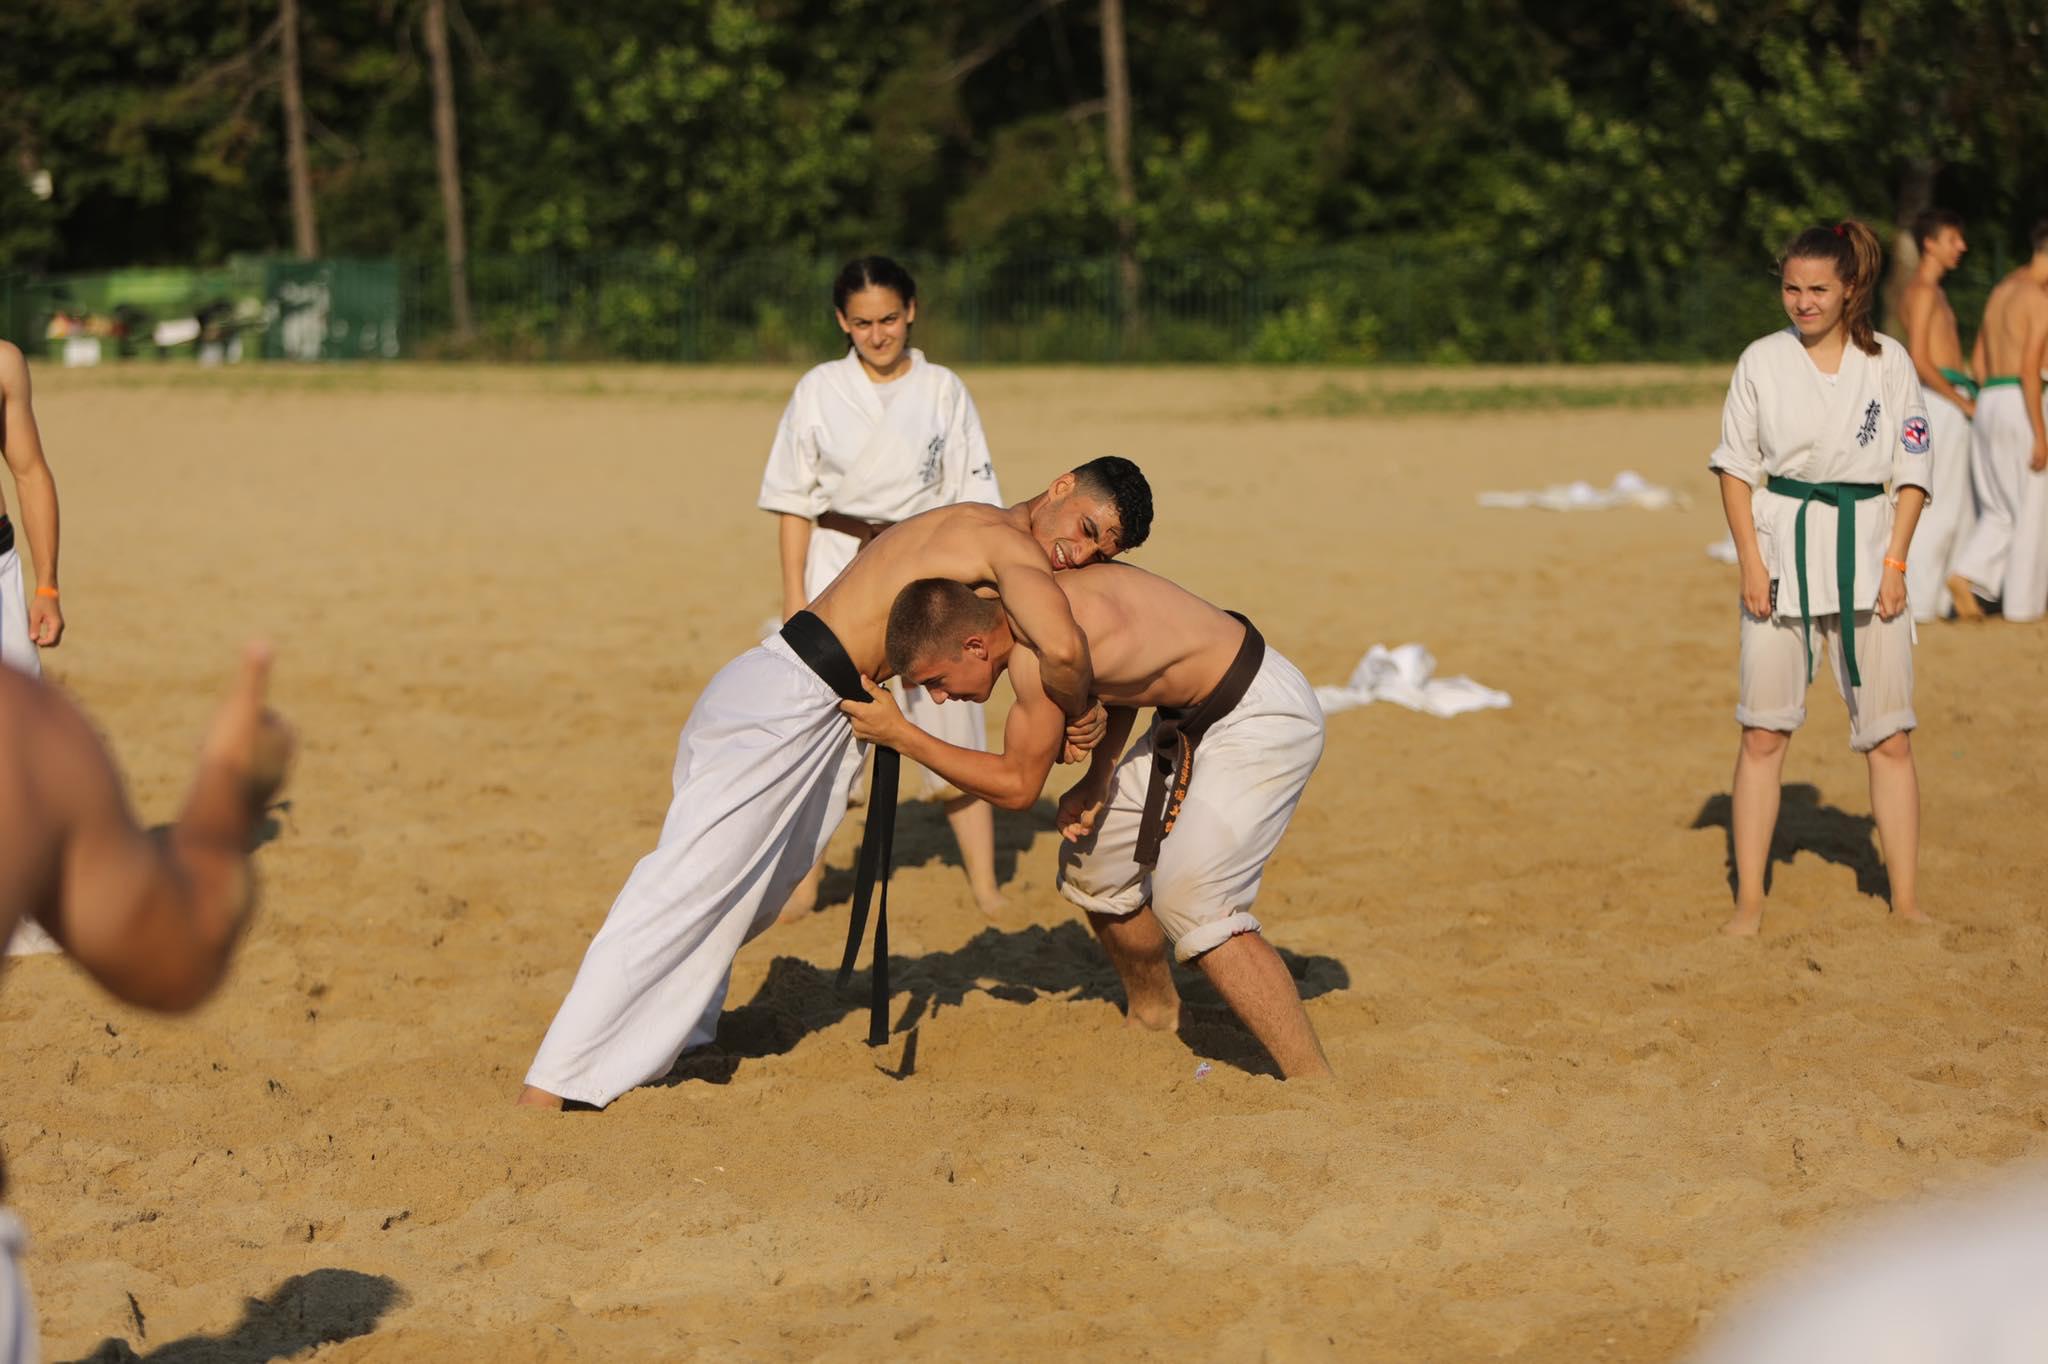 Отборни игри и сумо на сутрешната киокушин тренировка в Камчия